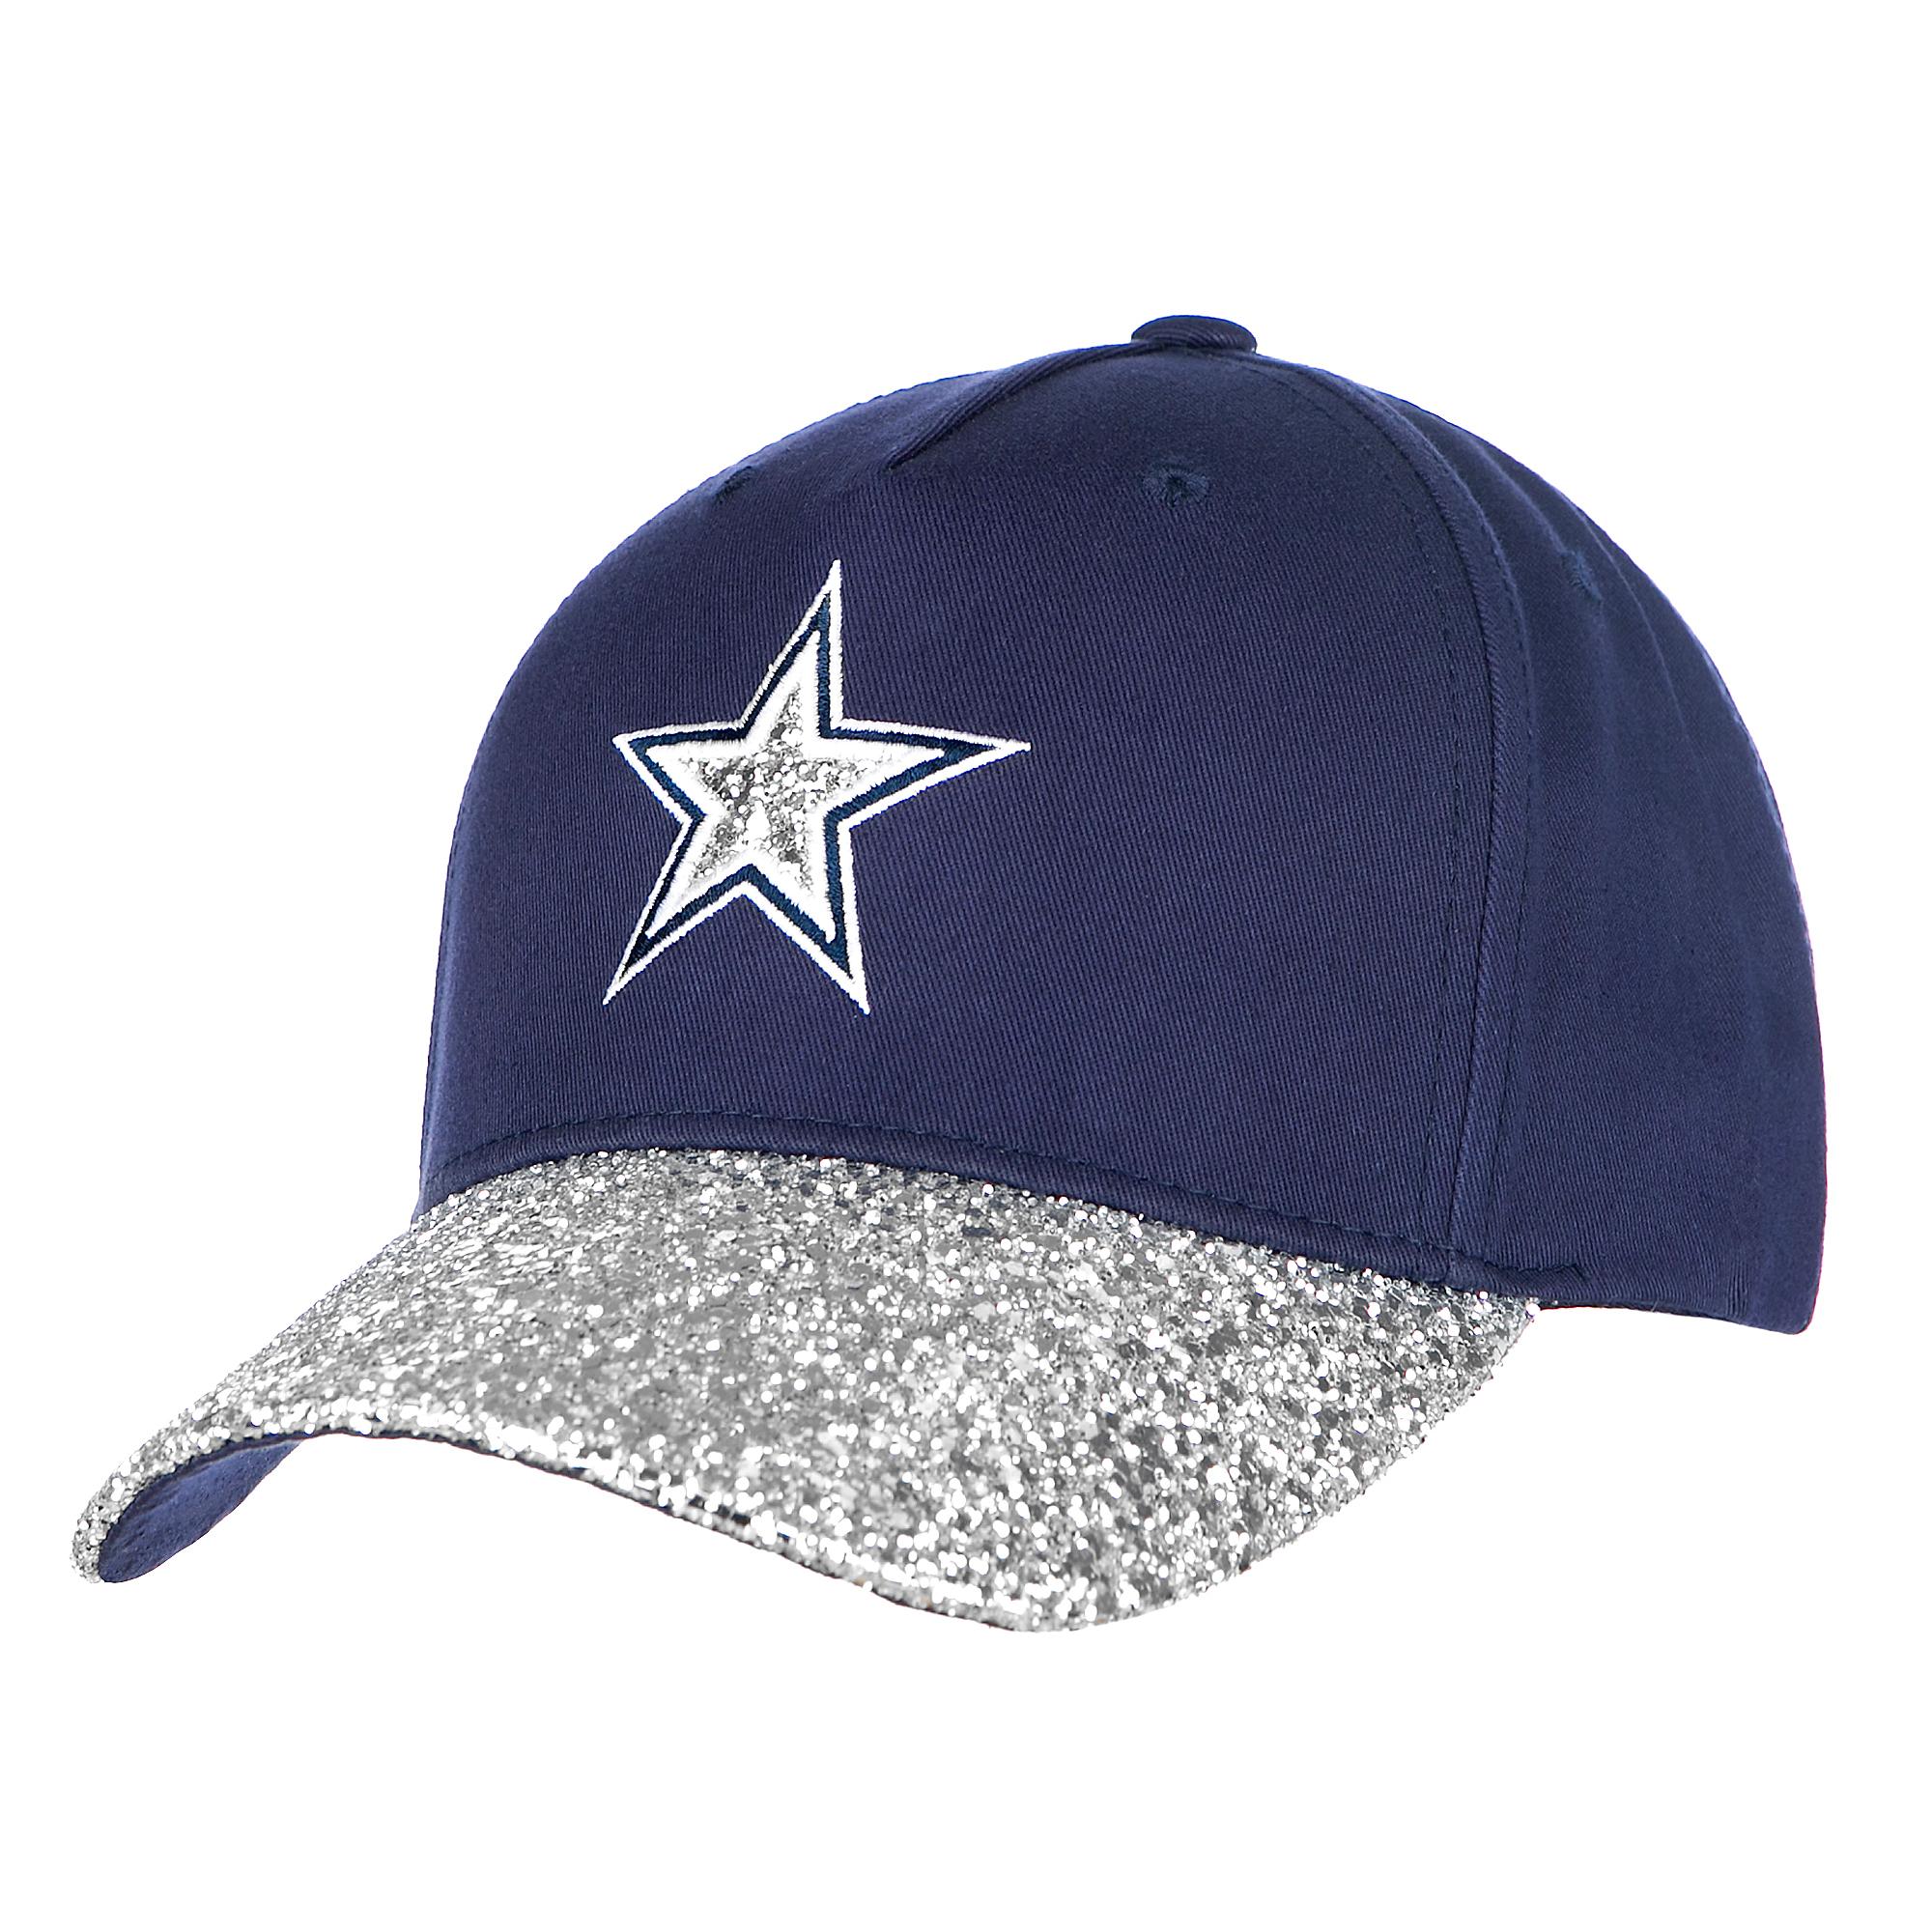 Dallas Cowboys Womens Roxy Adjustable Cap